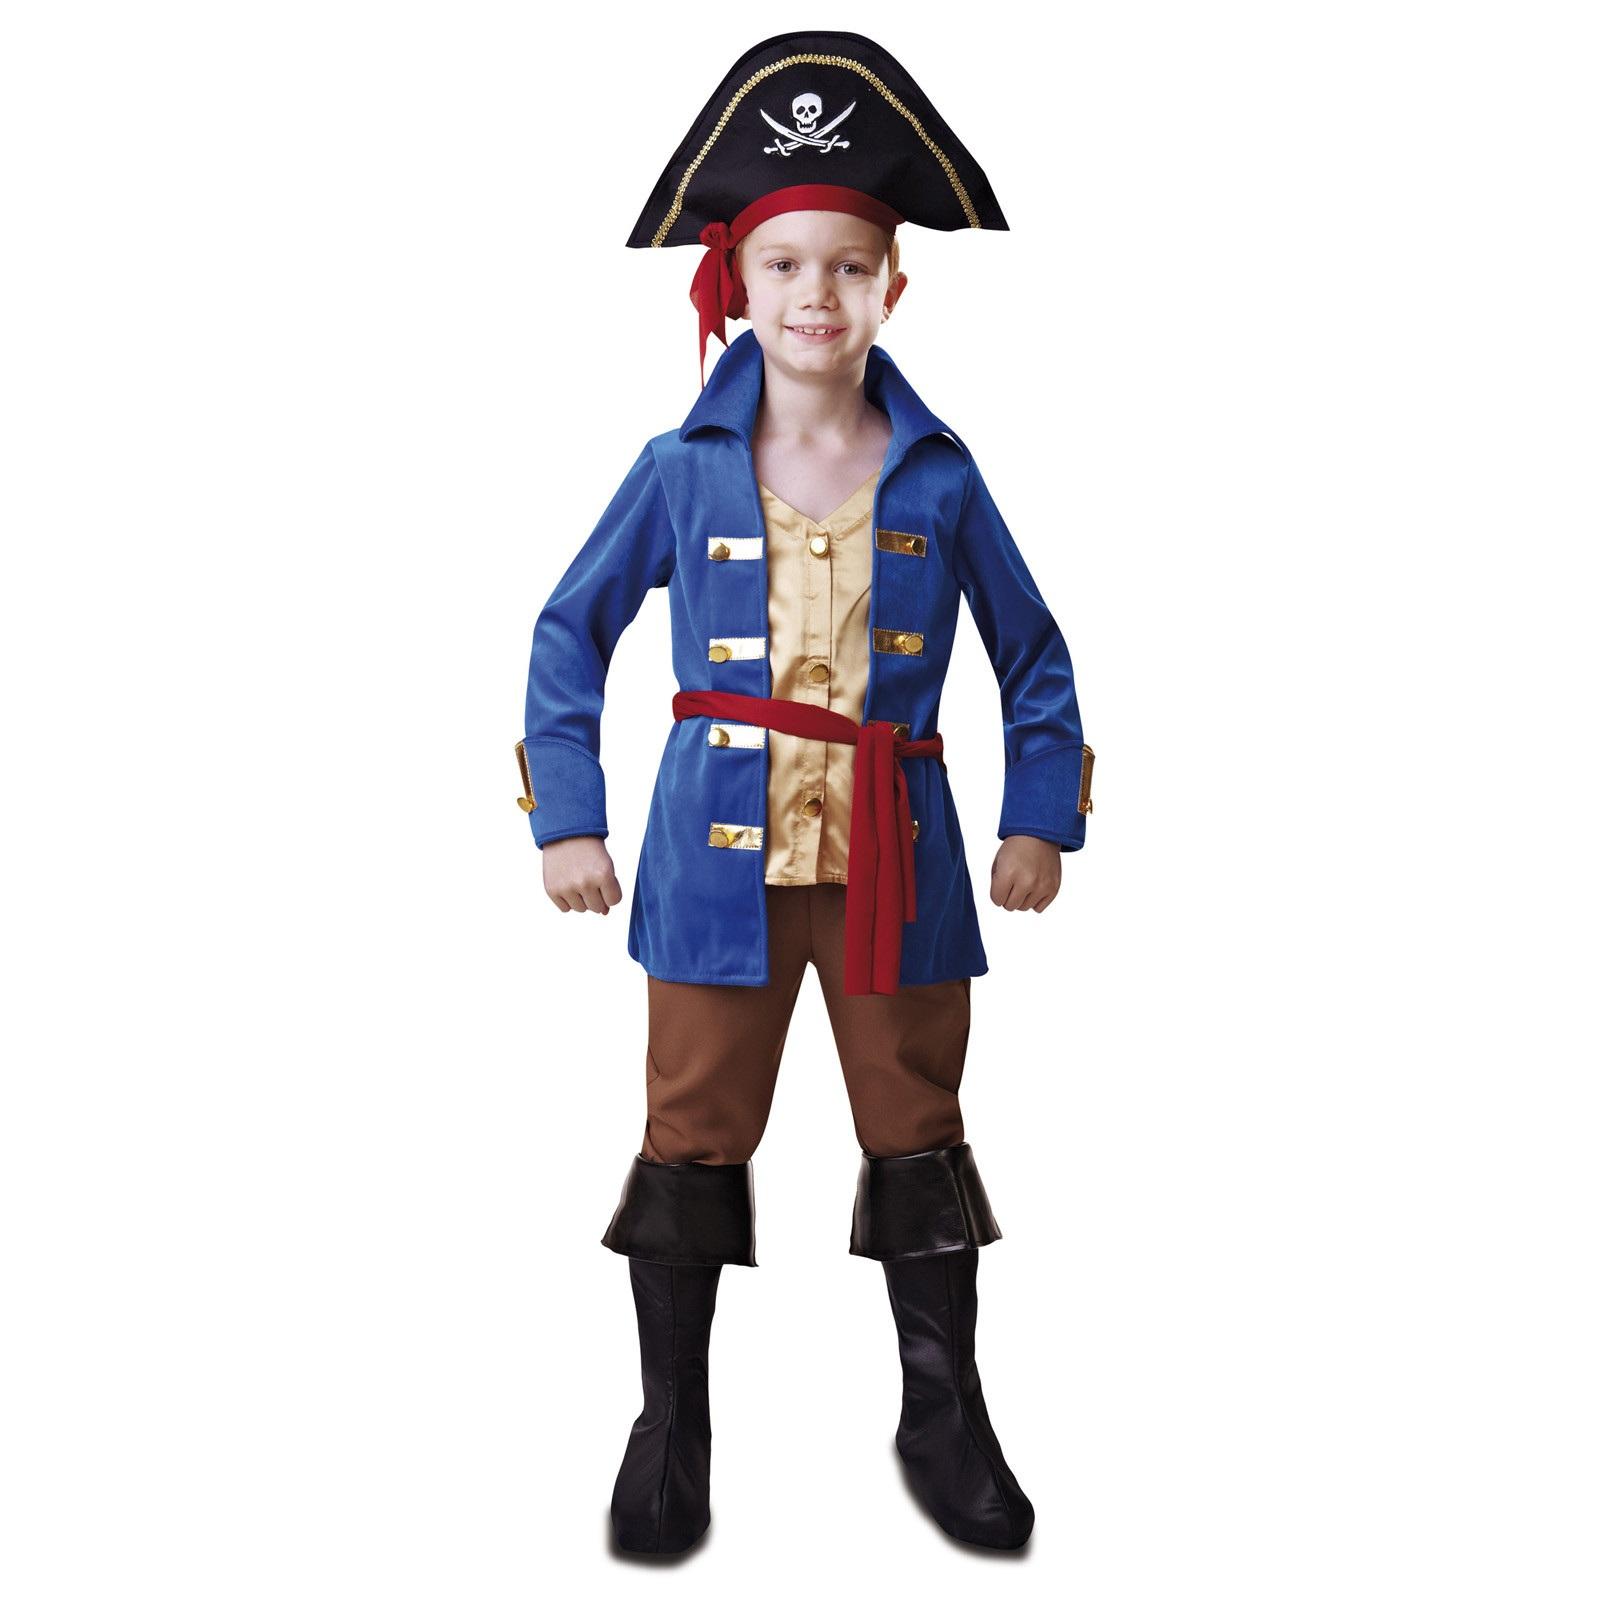 disfraz capitán pirata niño 200608mom - DISFRAZ DE CAPITAN PIRATA NIÑO